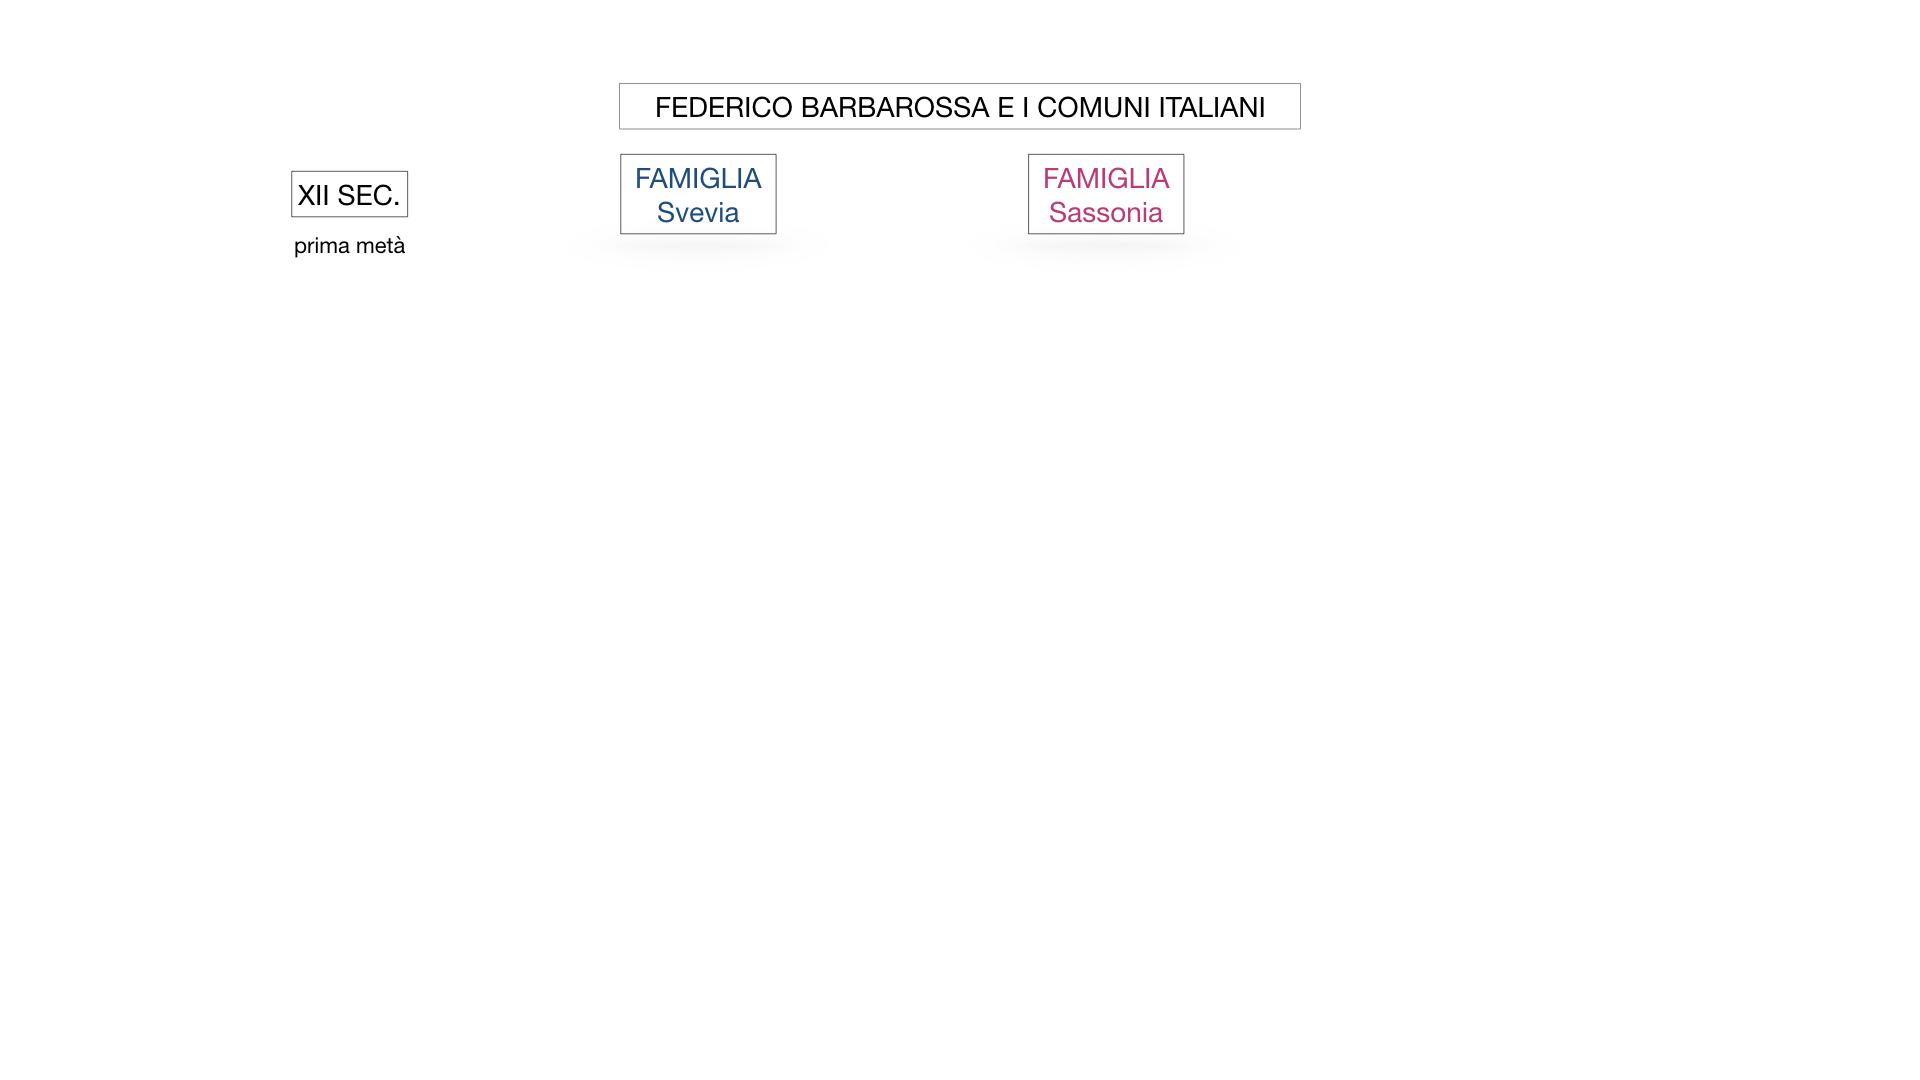 STORIA FEDERICO BARBAROSSA-MOVIMENTI RELIGIOSI_SIMULAZIONE_estesa.004